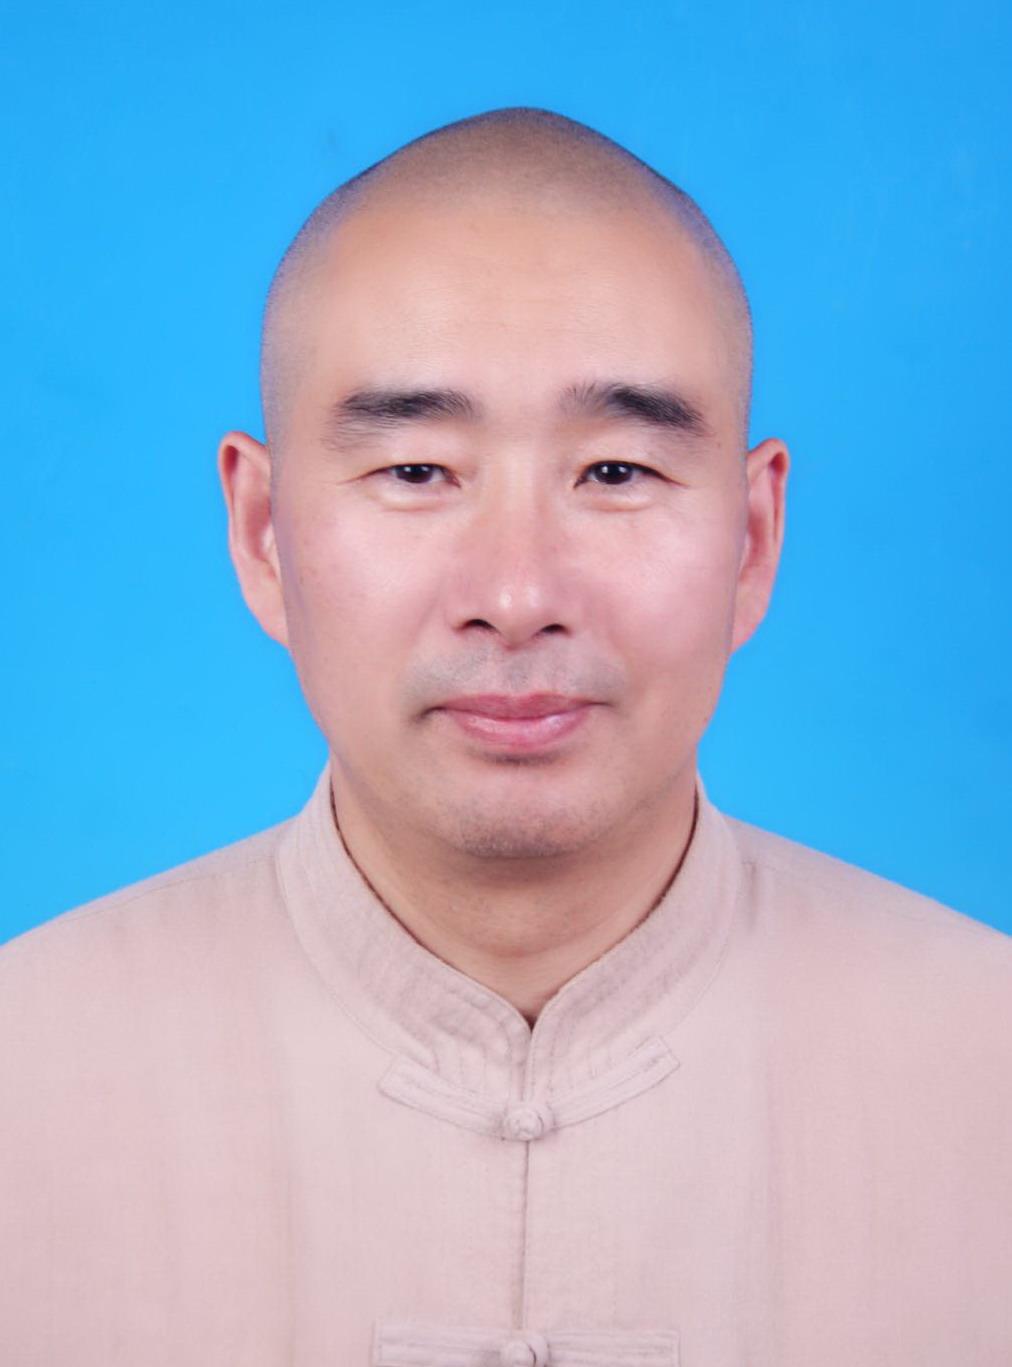 江苏省常州市分会副会长:黄盛业